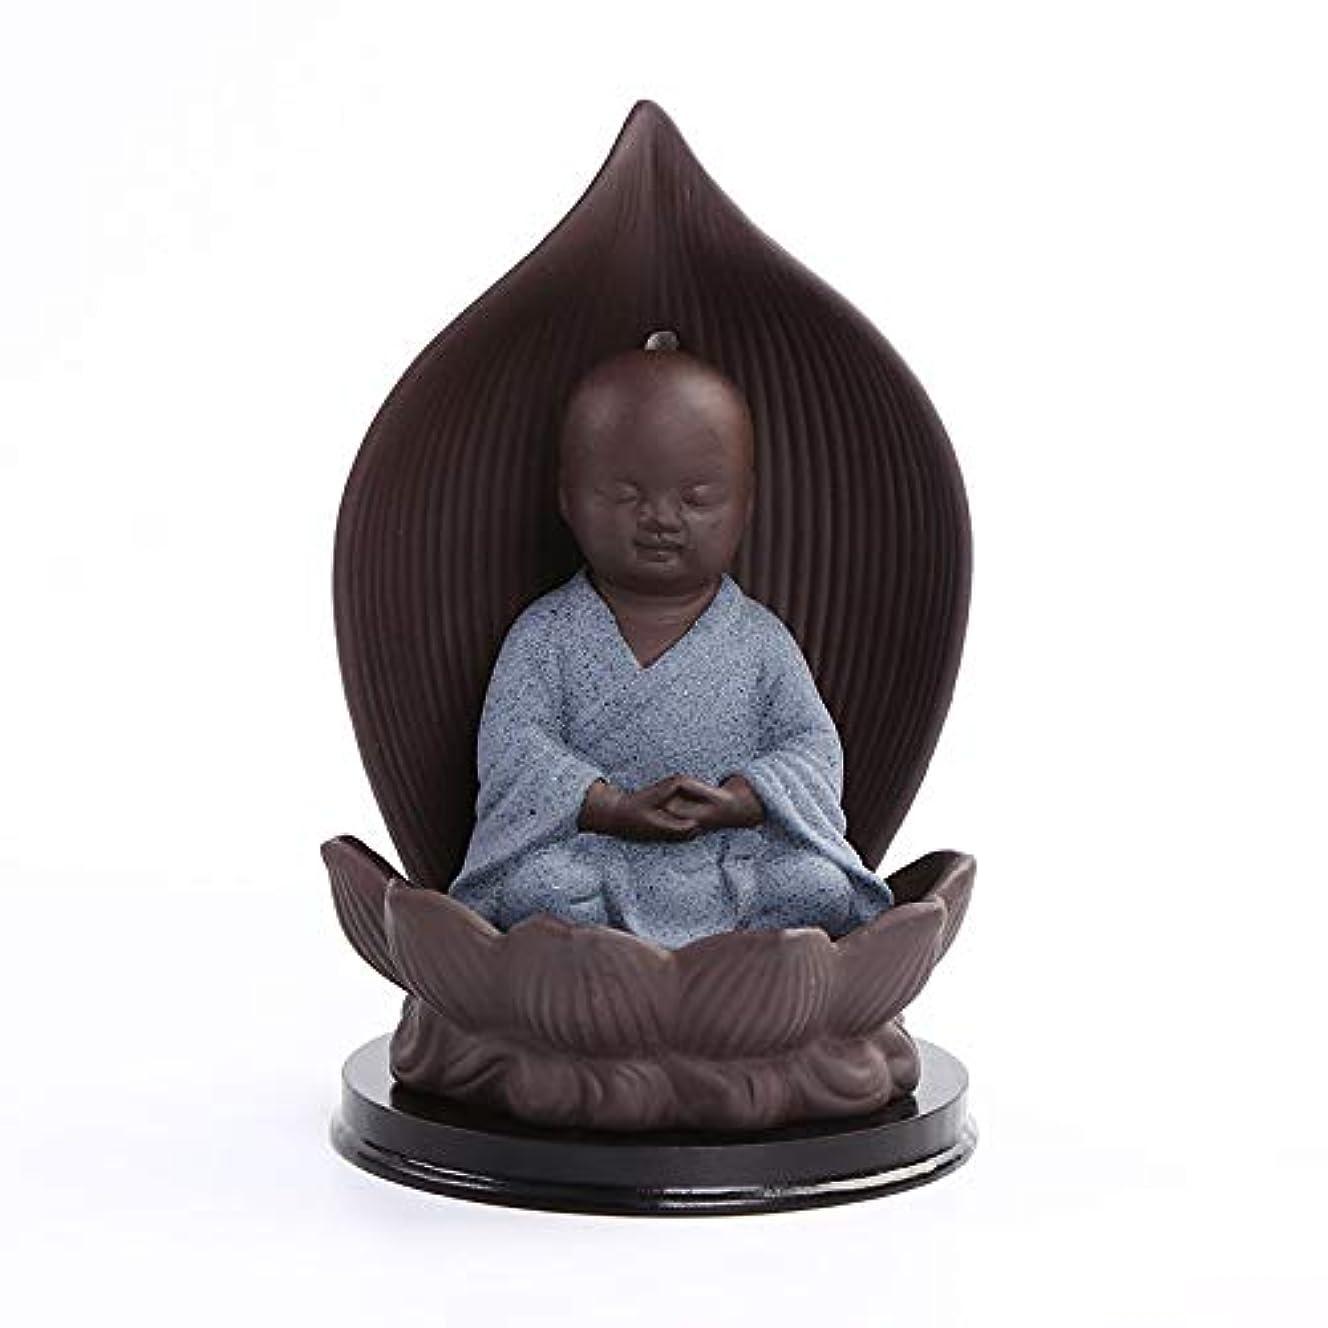 雇った発行溢れんばかりのセラミック香炉バッキングブラケット磁器仏教僧mon仏炉香スティックフレーム工芸ギフトバーナー9 * 15センチ